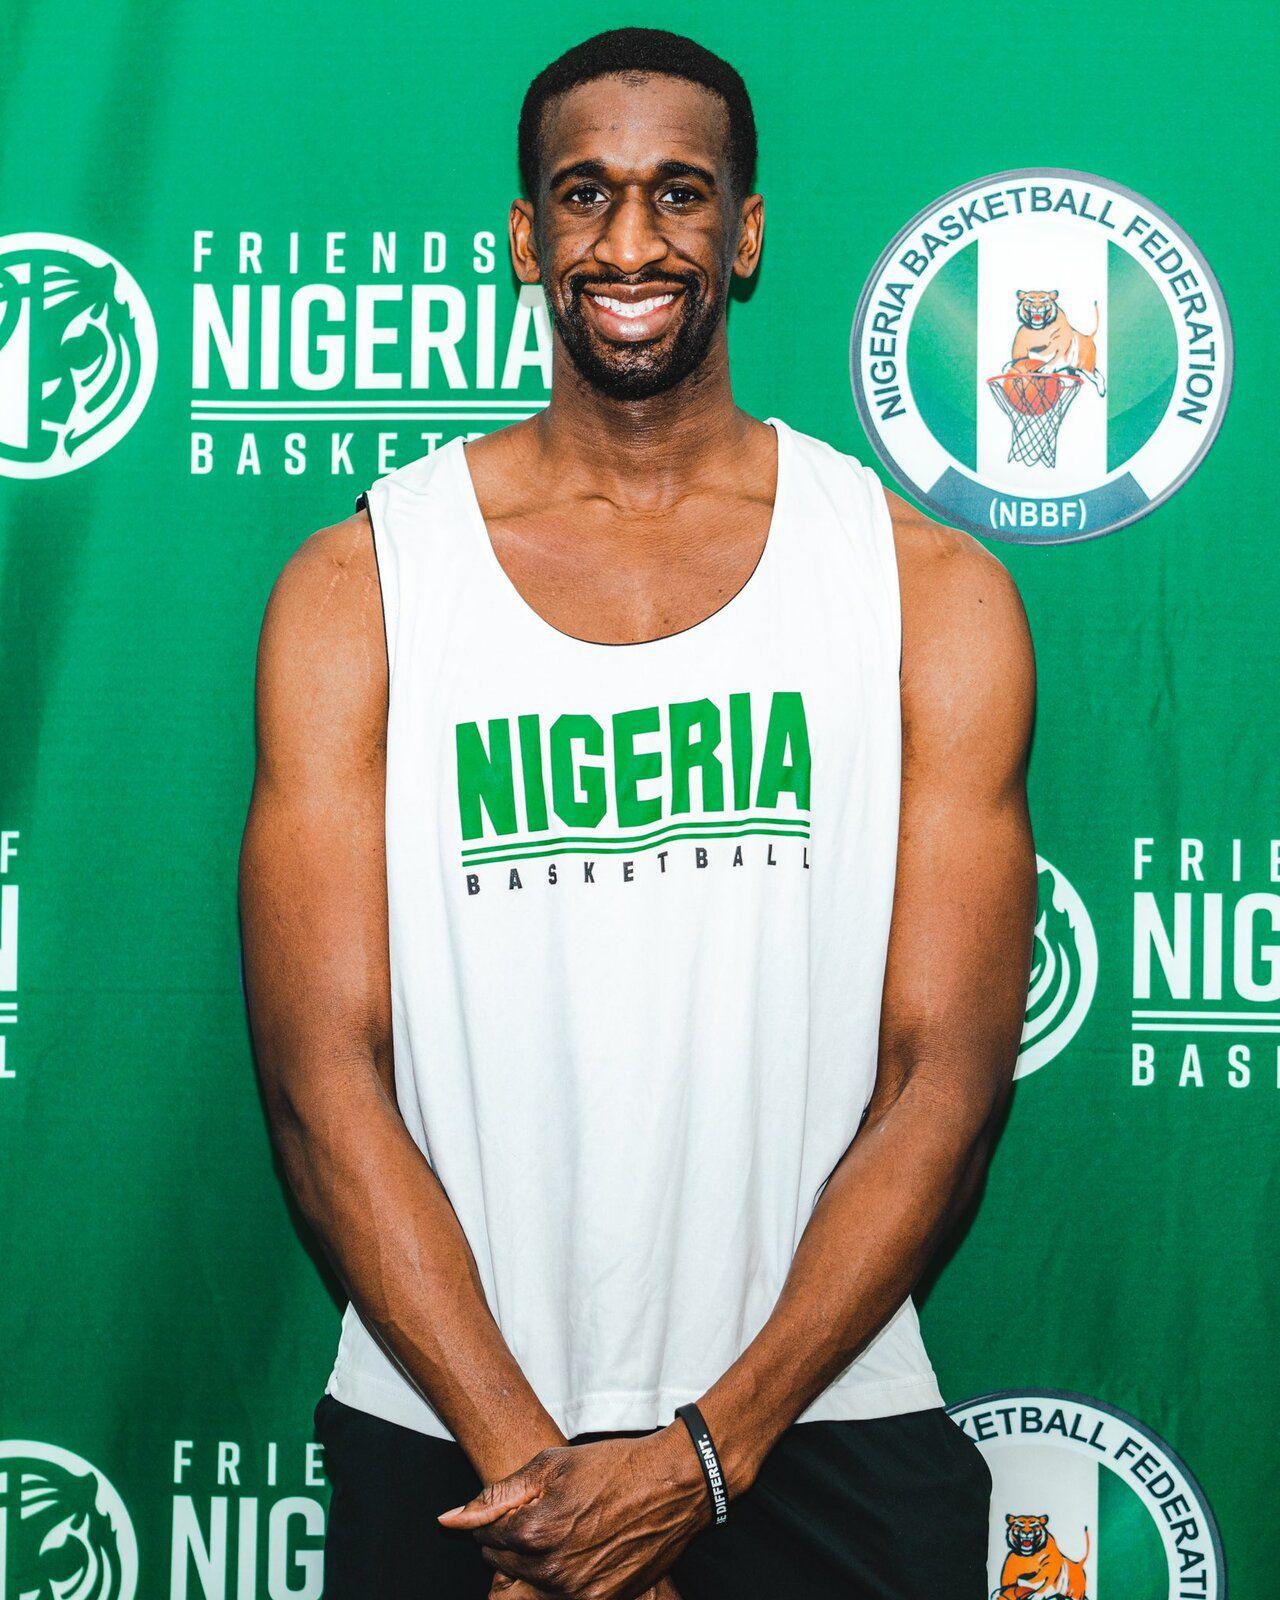 Le Nigéria avec neuf joueurs NBA pour les Jeux Olympiques de Tokyo !